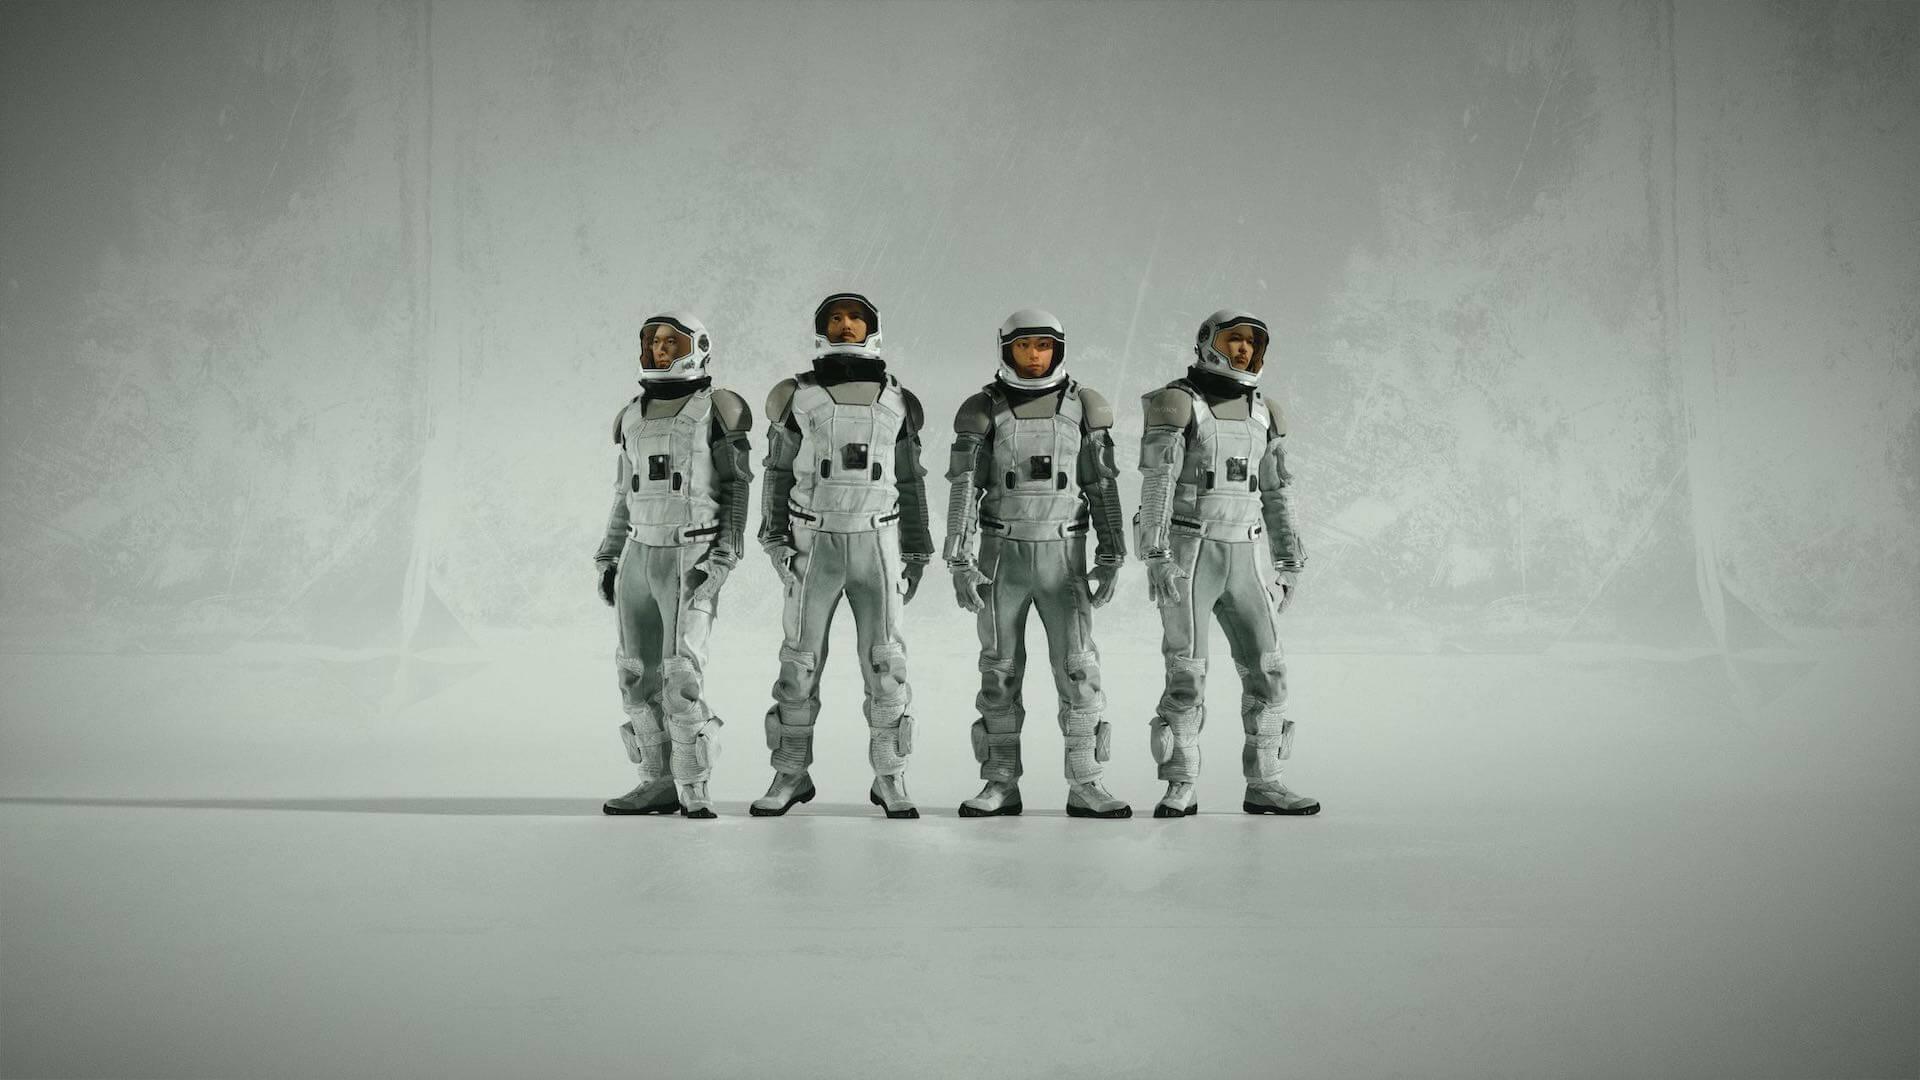 """WONKがニューアルバム『EYES』より""""Rollin'""""の3D CGオーディオビジュアルを公開!NHKにてTV初パフォーマンスも music200611_wonk_03"""